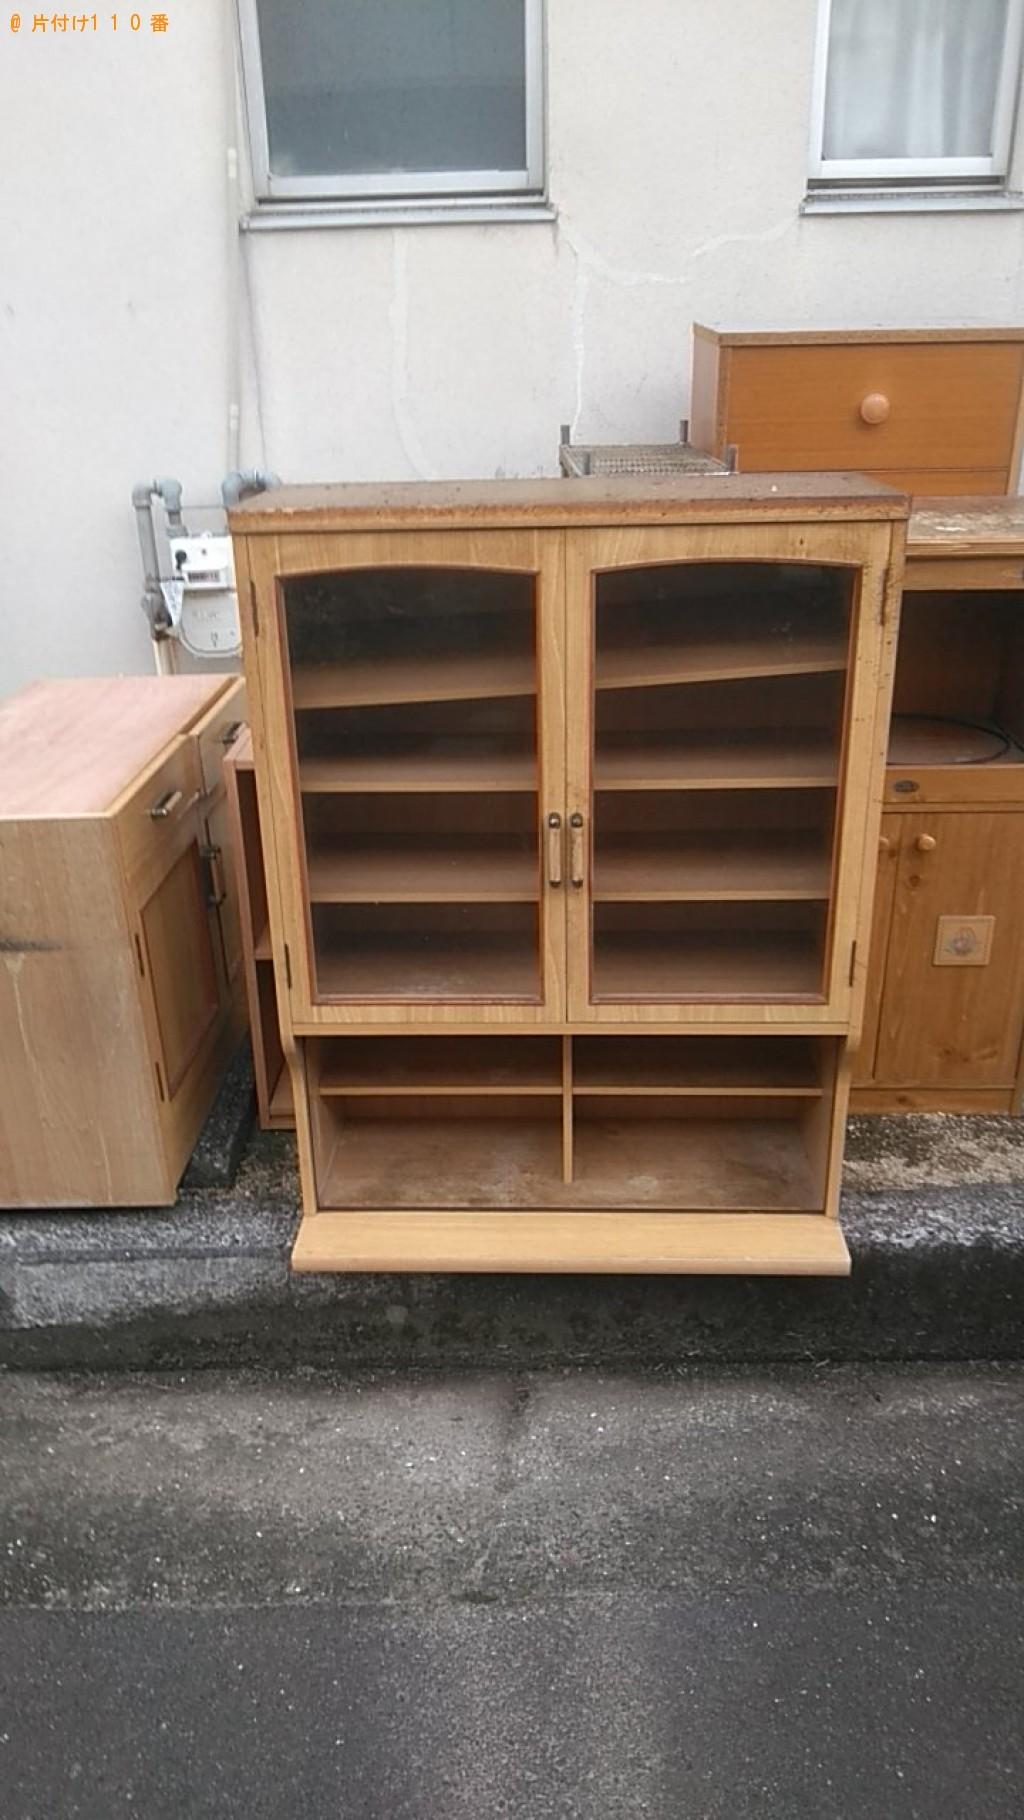 【松山市溝辺町】食器棚、整理棚、カラーボックス等の回収・処分 お客様の声